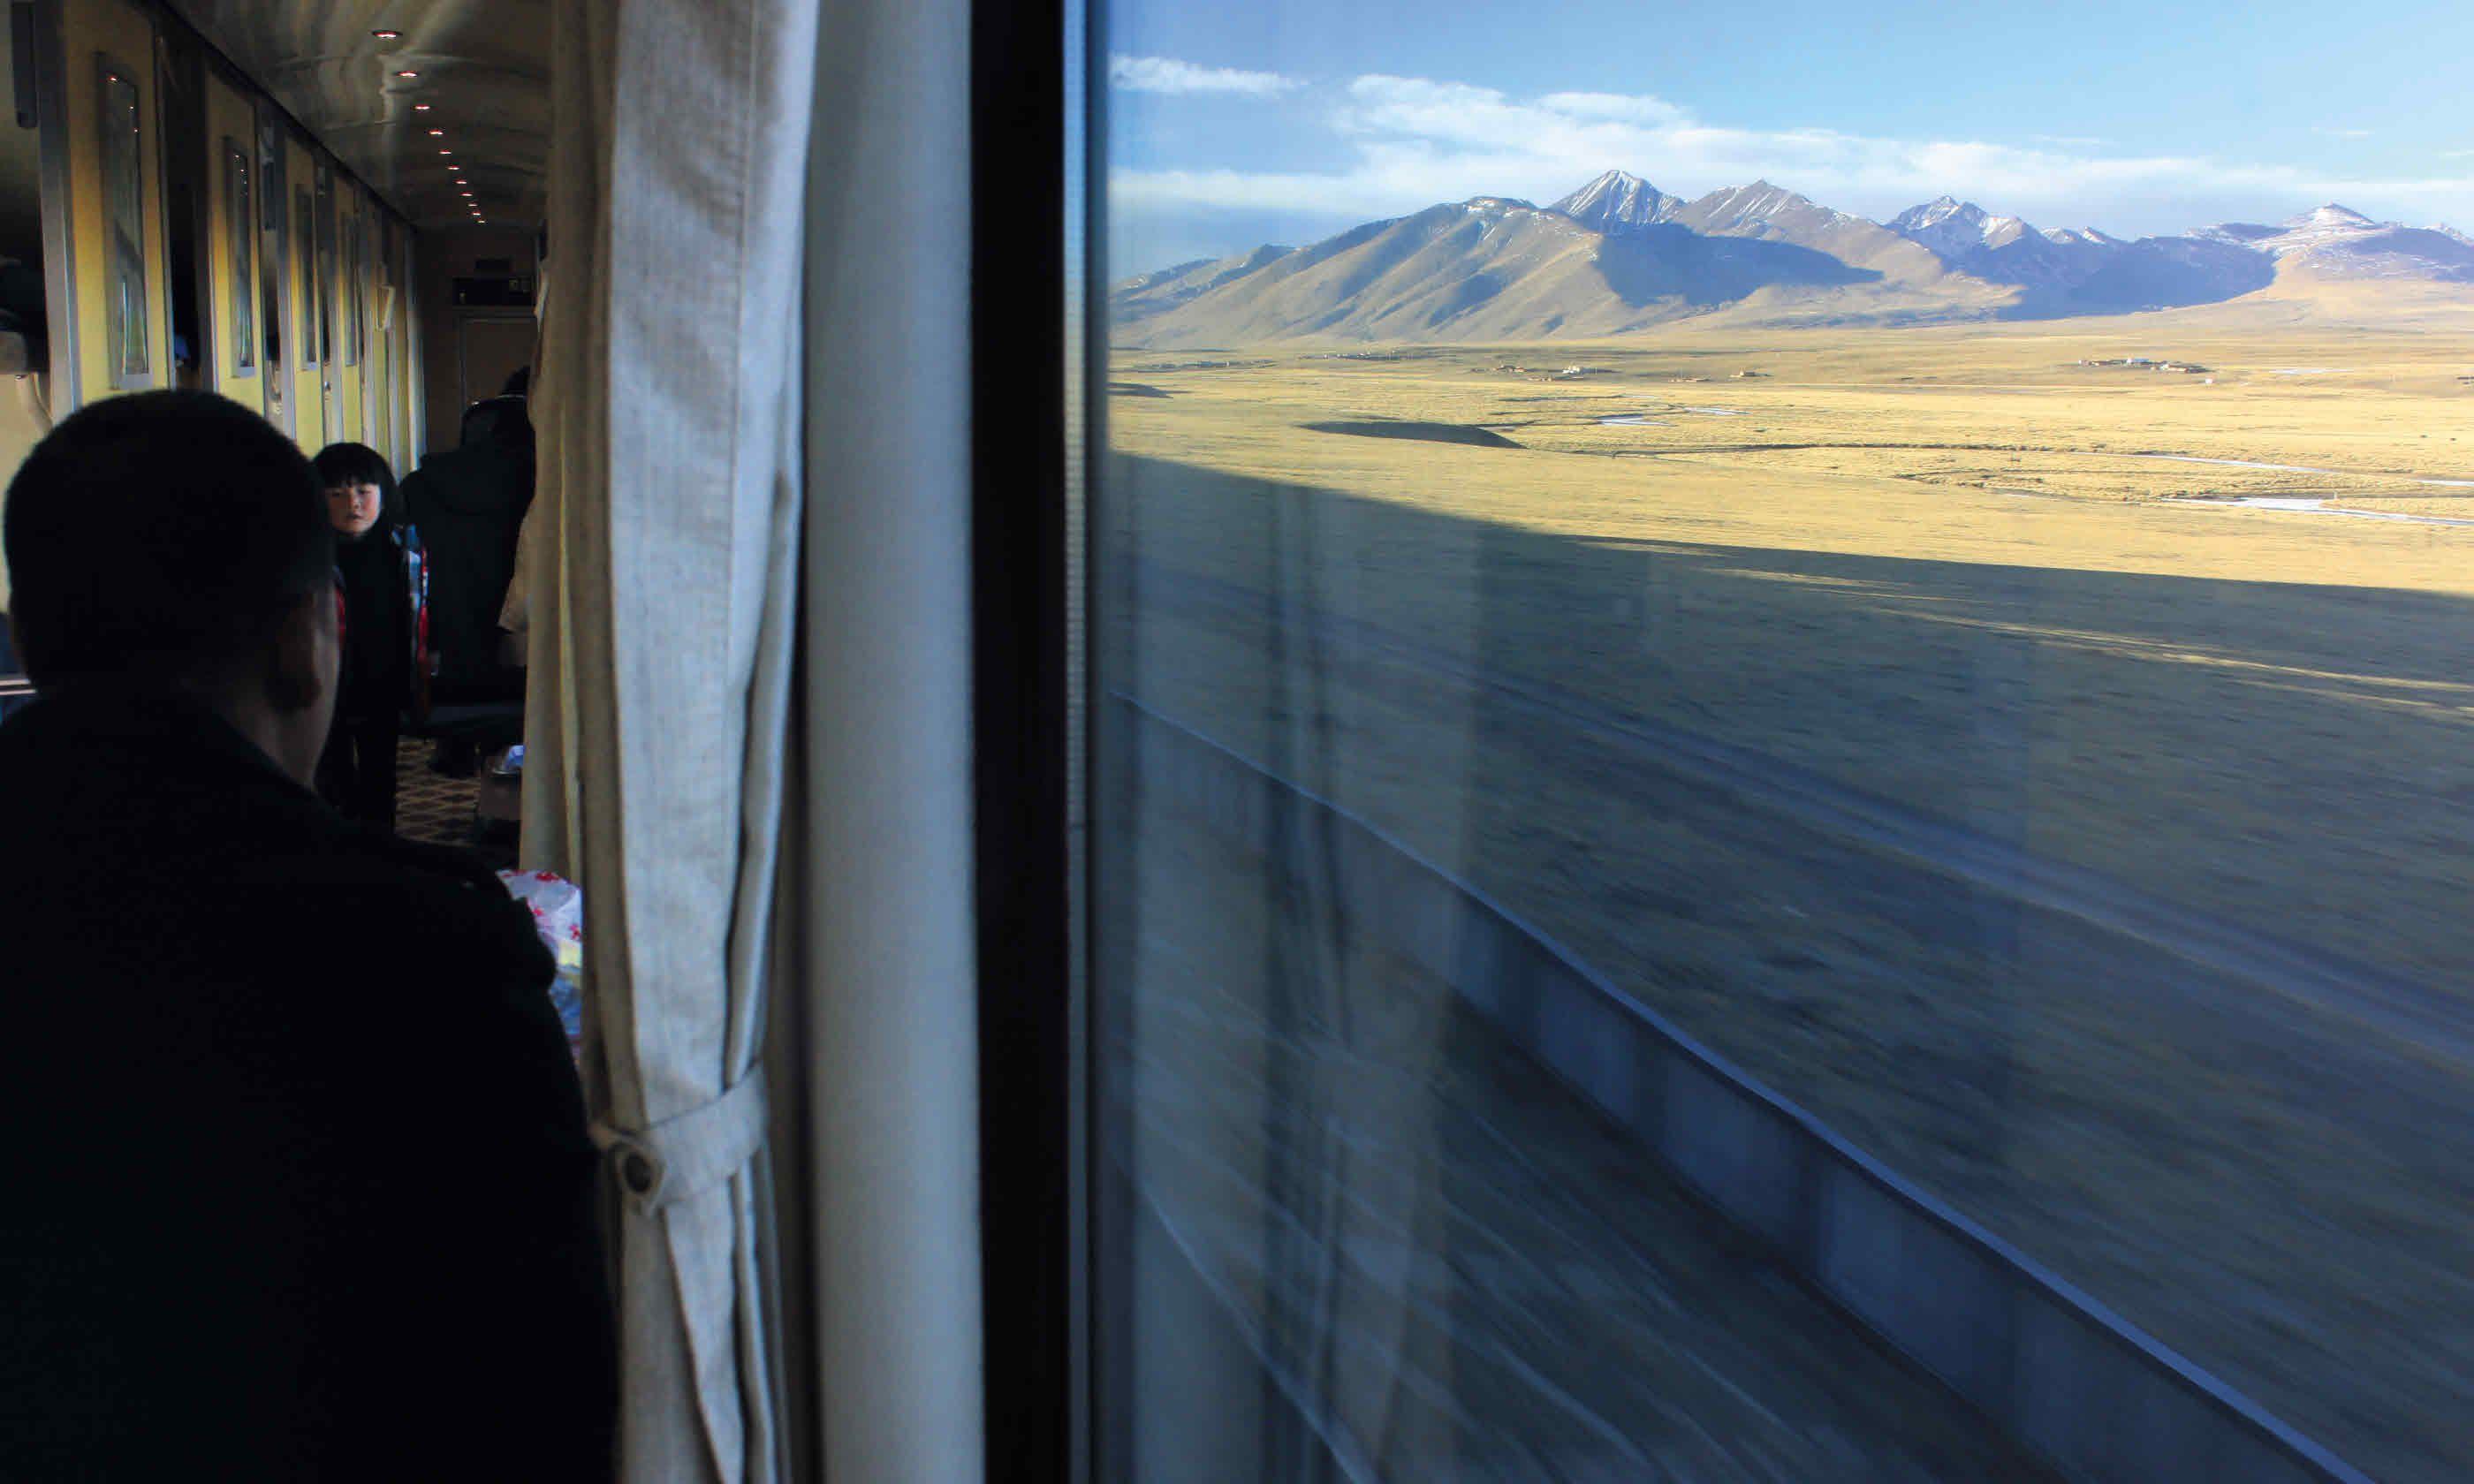 Gazing at the Gansu province from a train window (Tom Rhys)